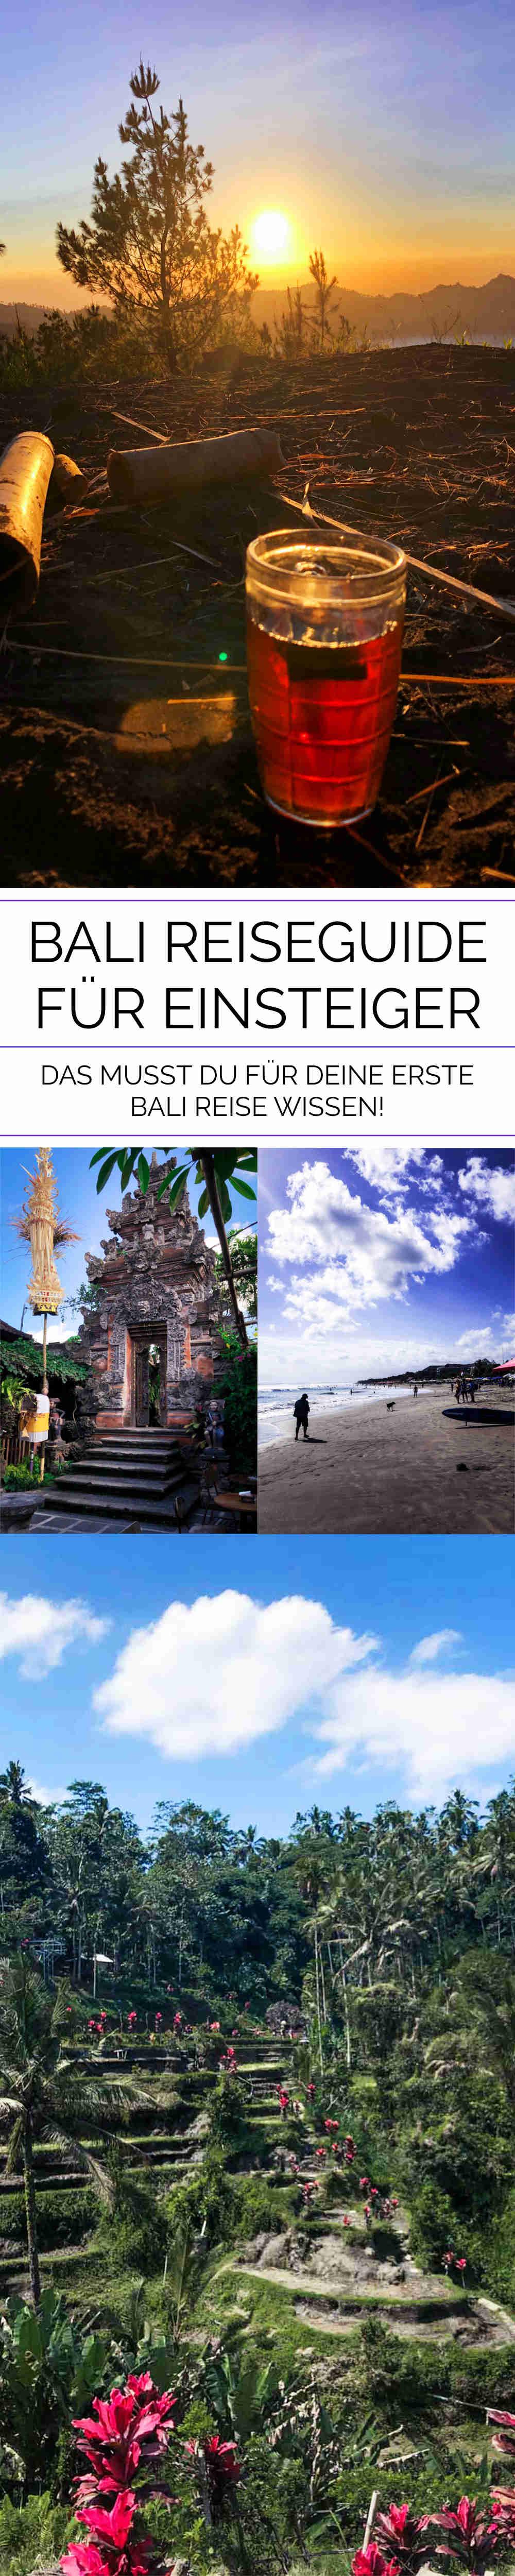 Bali Reiseguide für Einsteiger